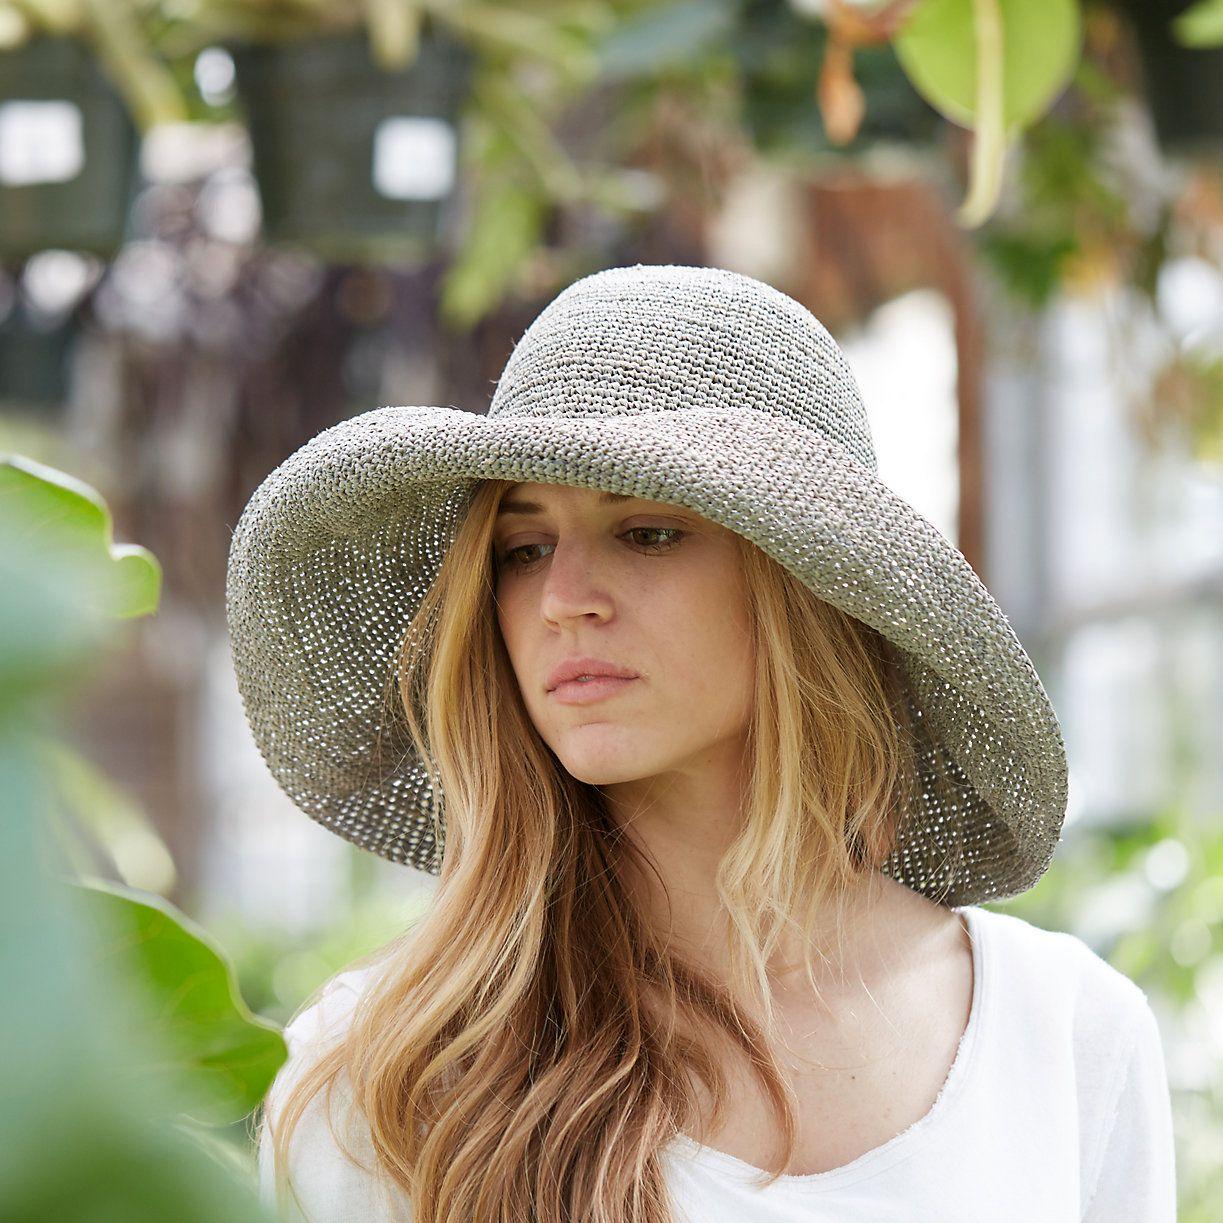 Wide Brim Raffia Hat | Fashion | Pinterest | Raffia hat, Summer chic ...